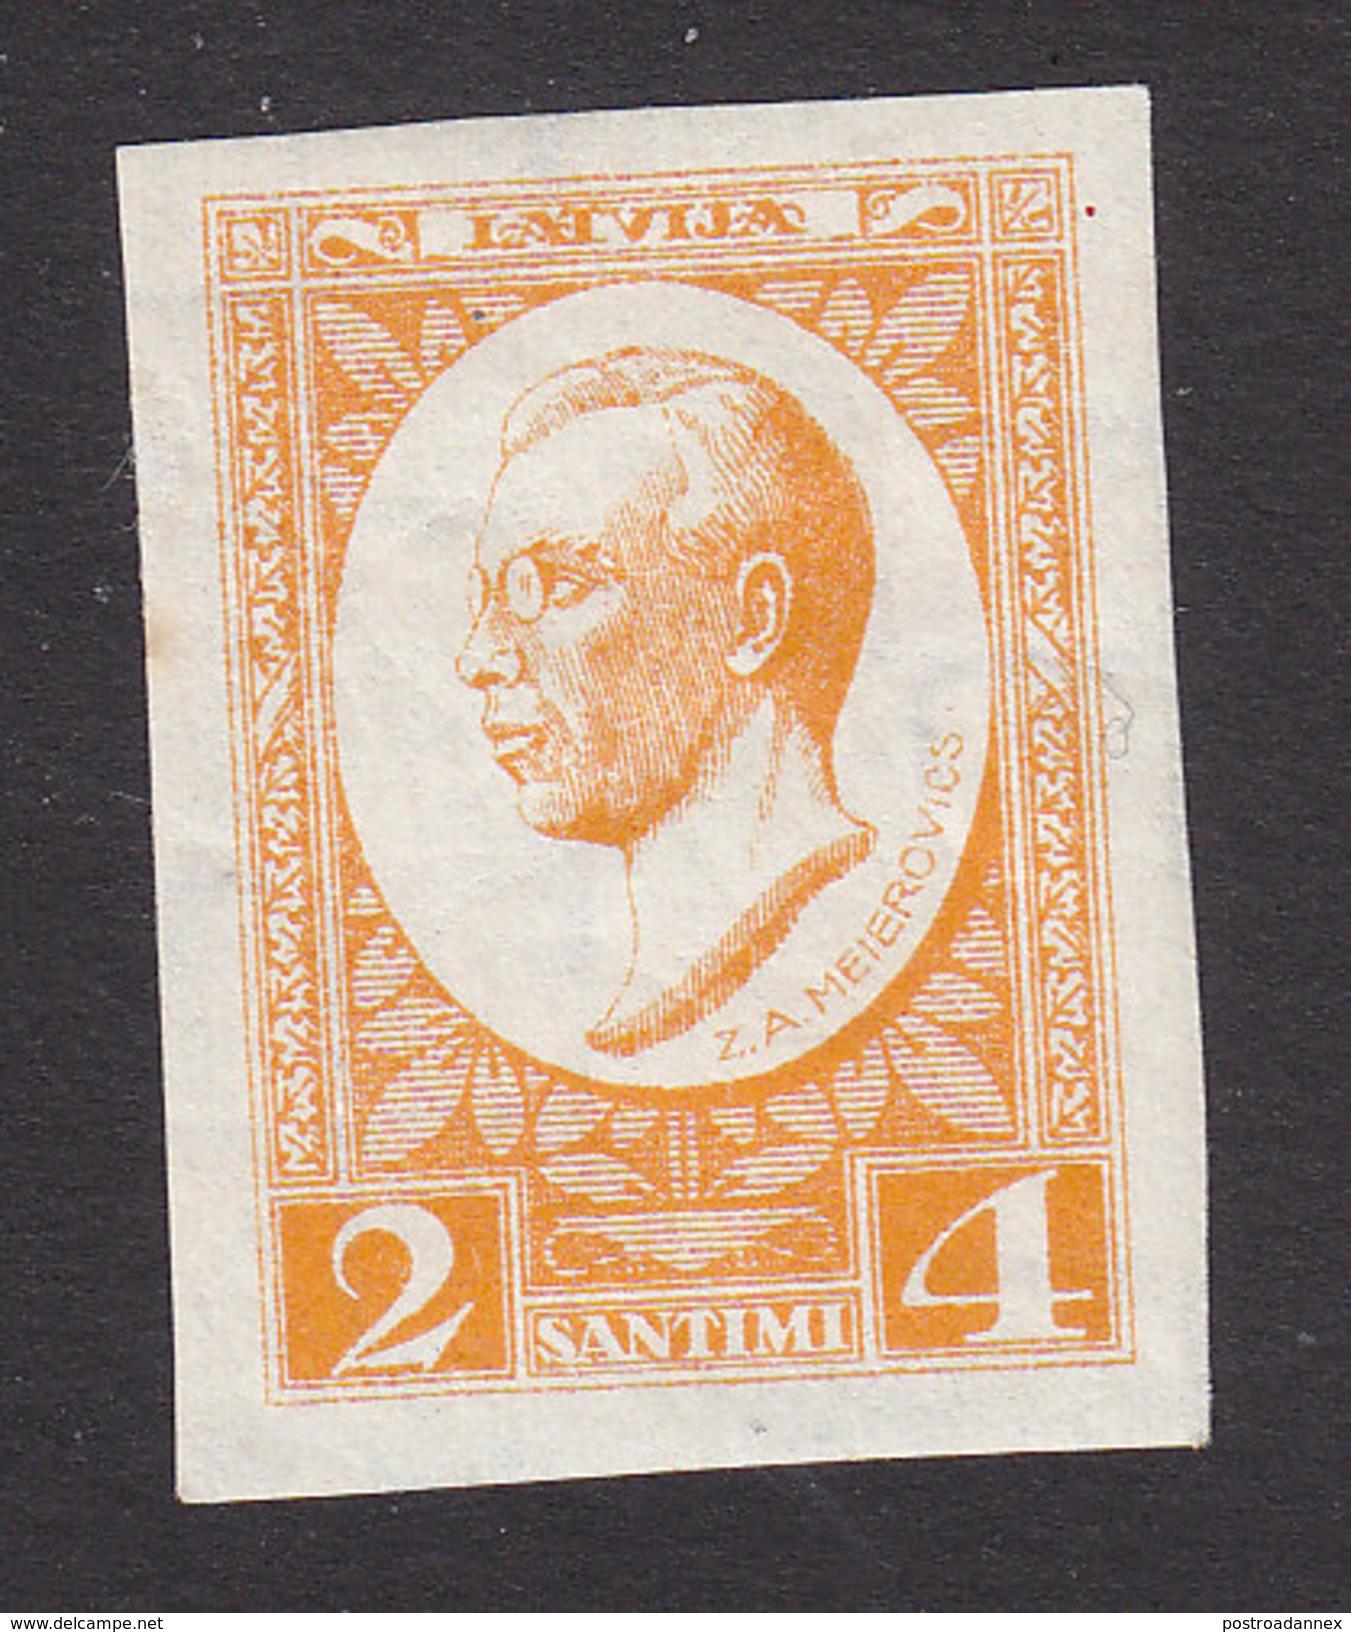 Latvia, Scott #B46, Mint Hinged, Z.A. Meierovics, Issued 1929 - Latvia